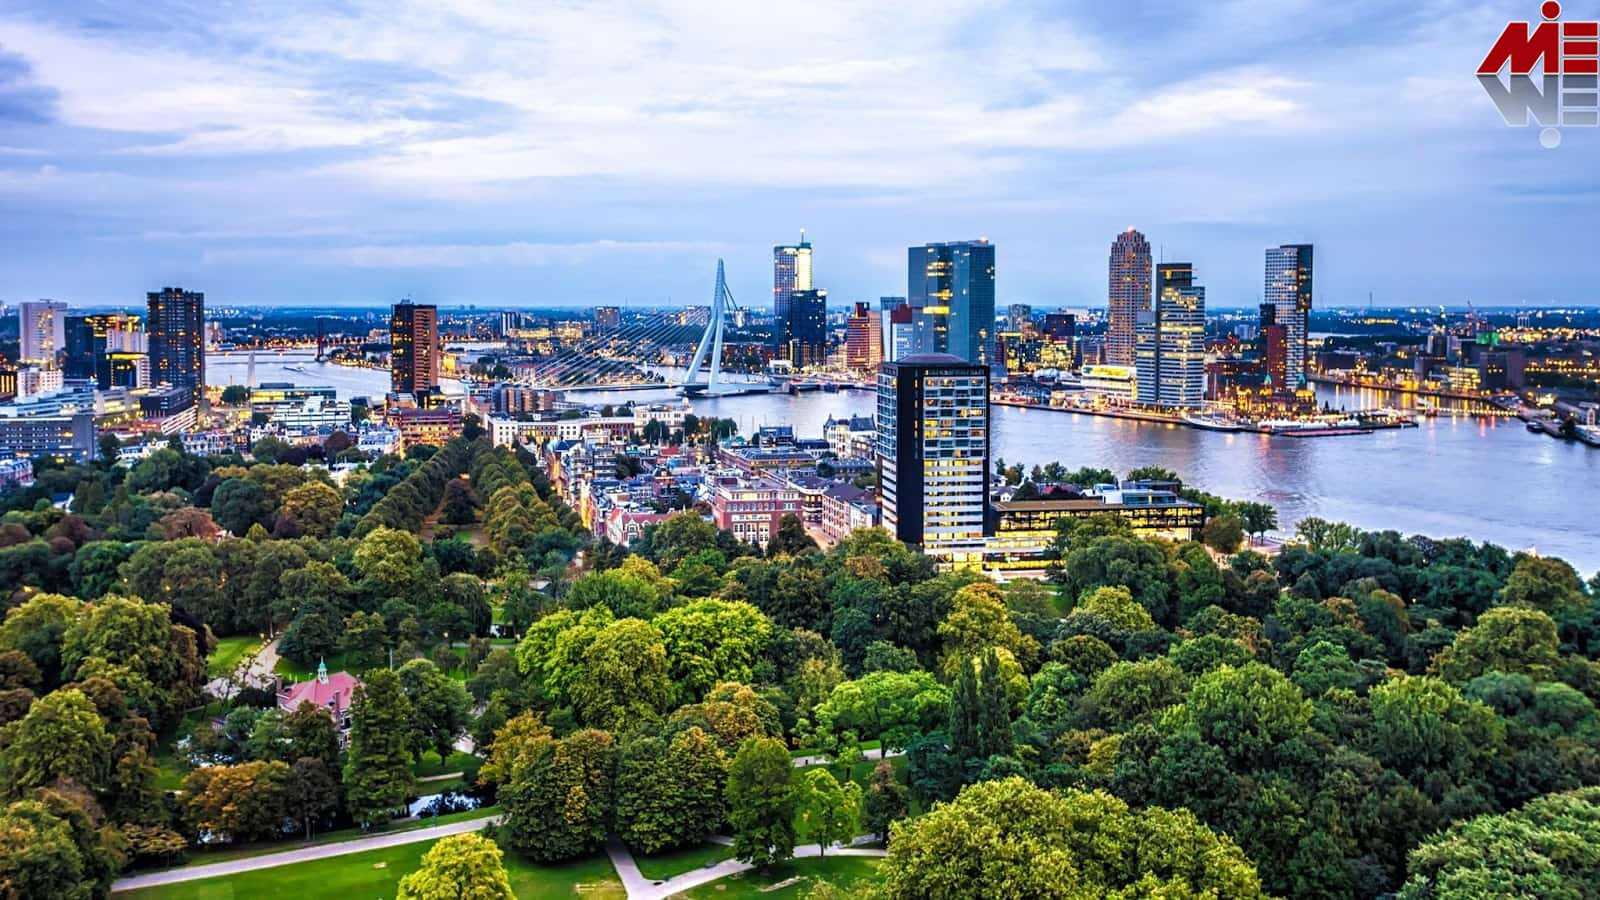 سرمایه گذاری در هلند 2 سرمایه گذاری در هلند